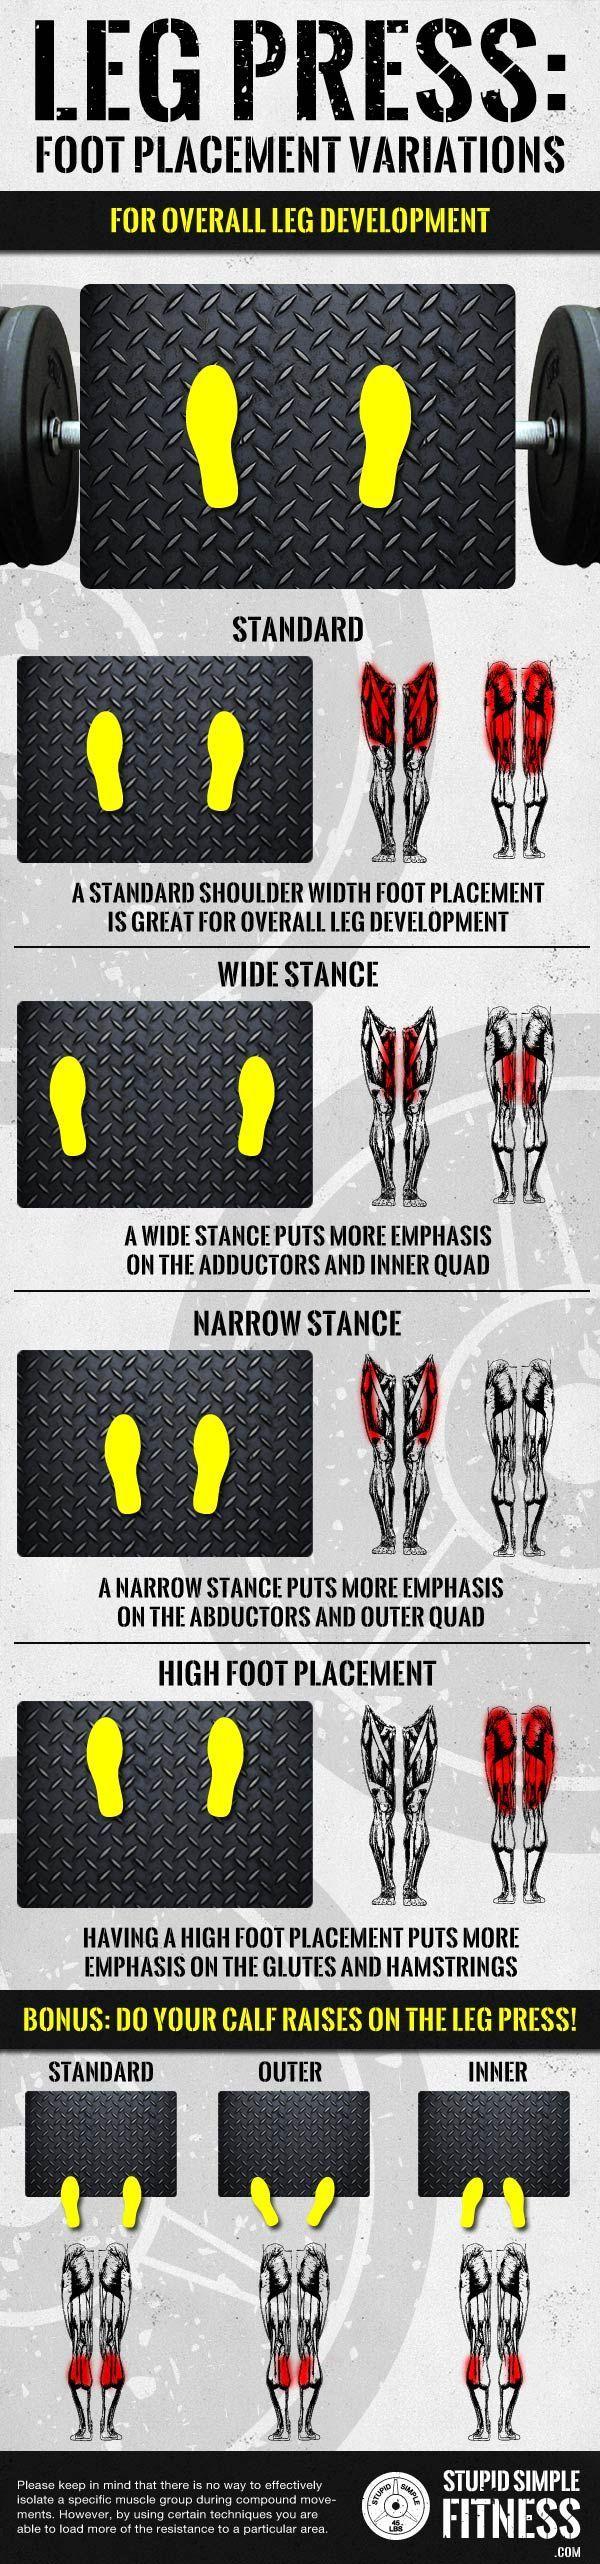 Développé-couché : Variations du Placement du pied. Pour le développement global de la jambe. - Leg Press: Foot Placement Variations. For Overall Leg Development.